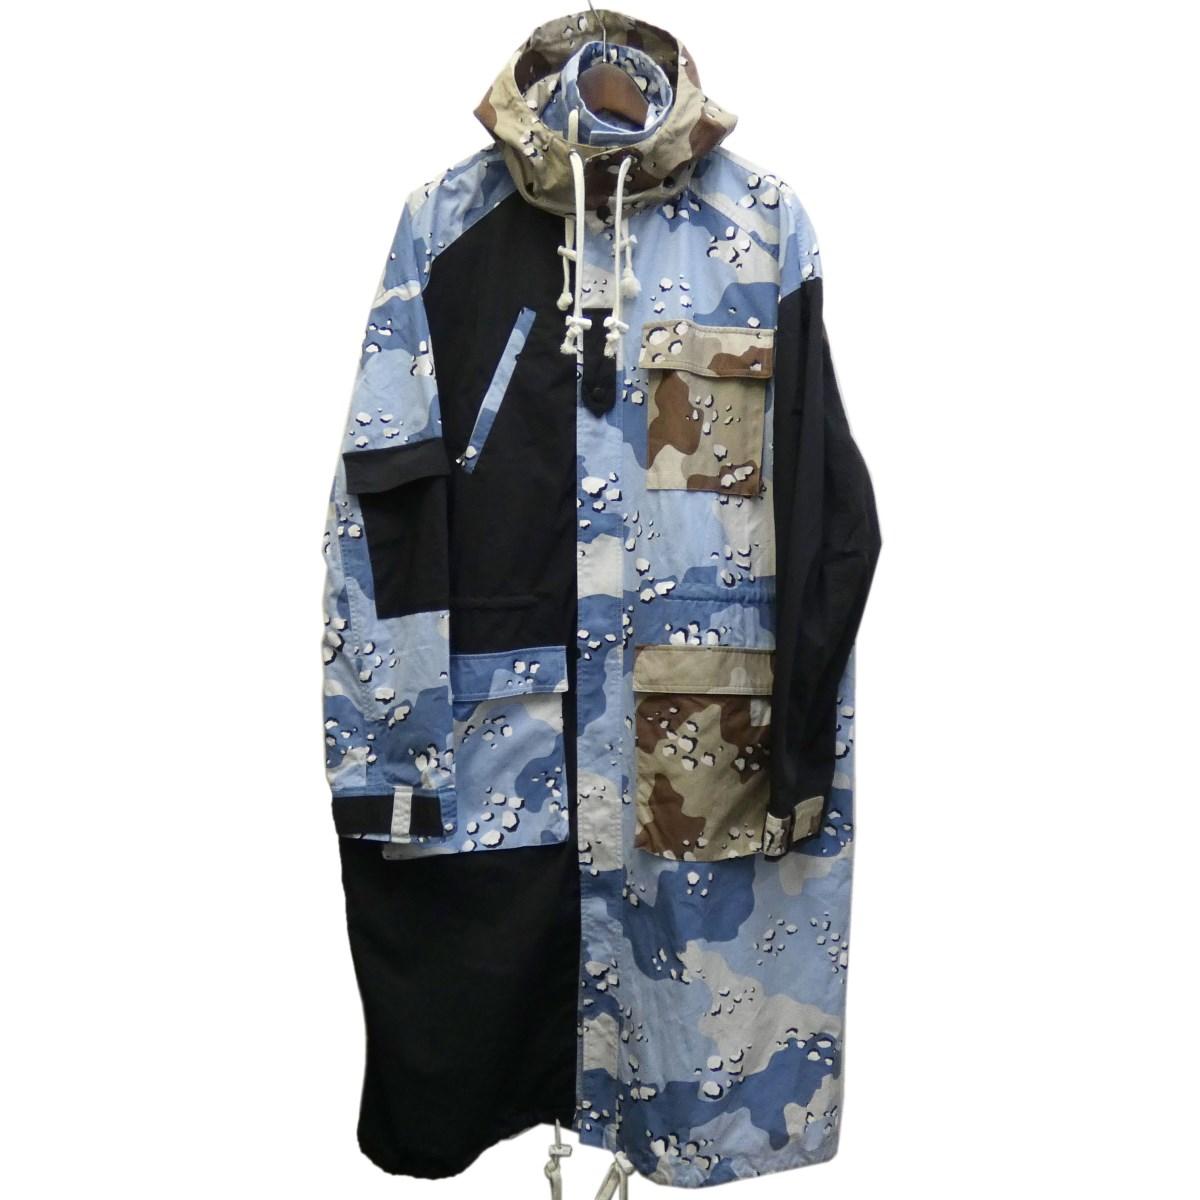 【中古】Liam Hodges カモ切替再構築ロングジャケット ブルー×ブラック×カーキ サイズ:S 【250220】(リアム ホッジス)